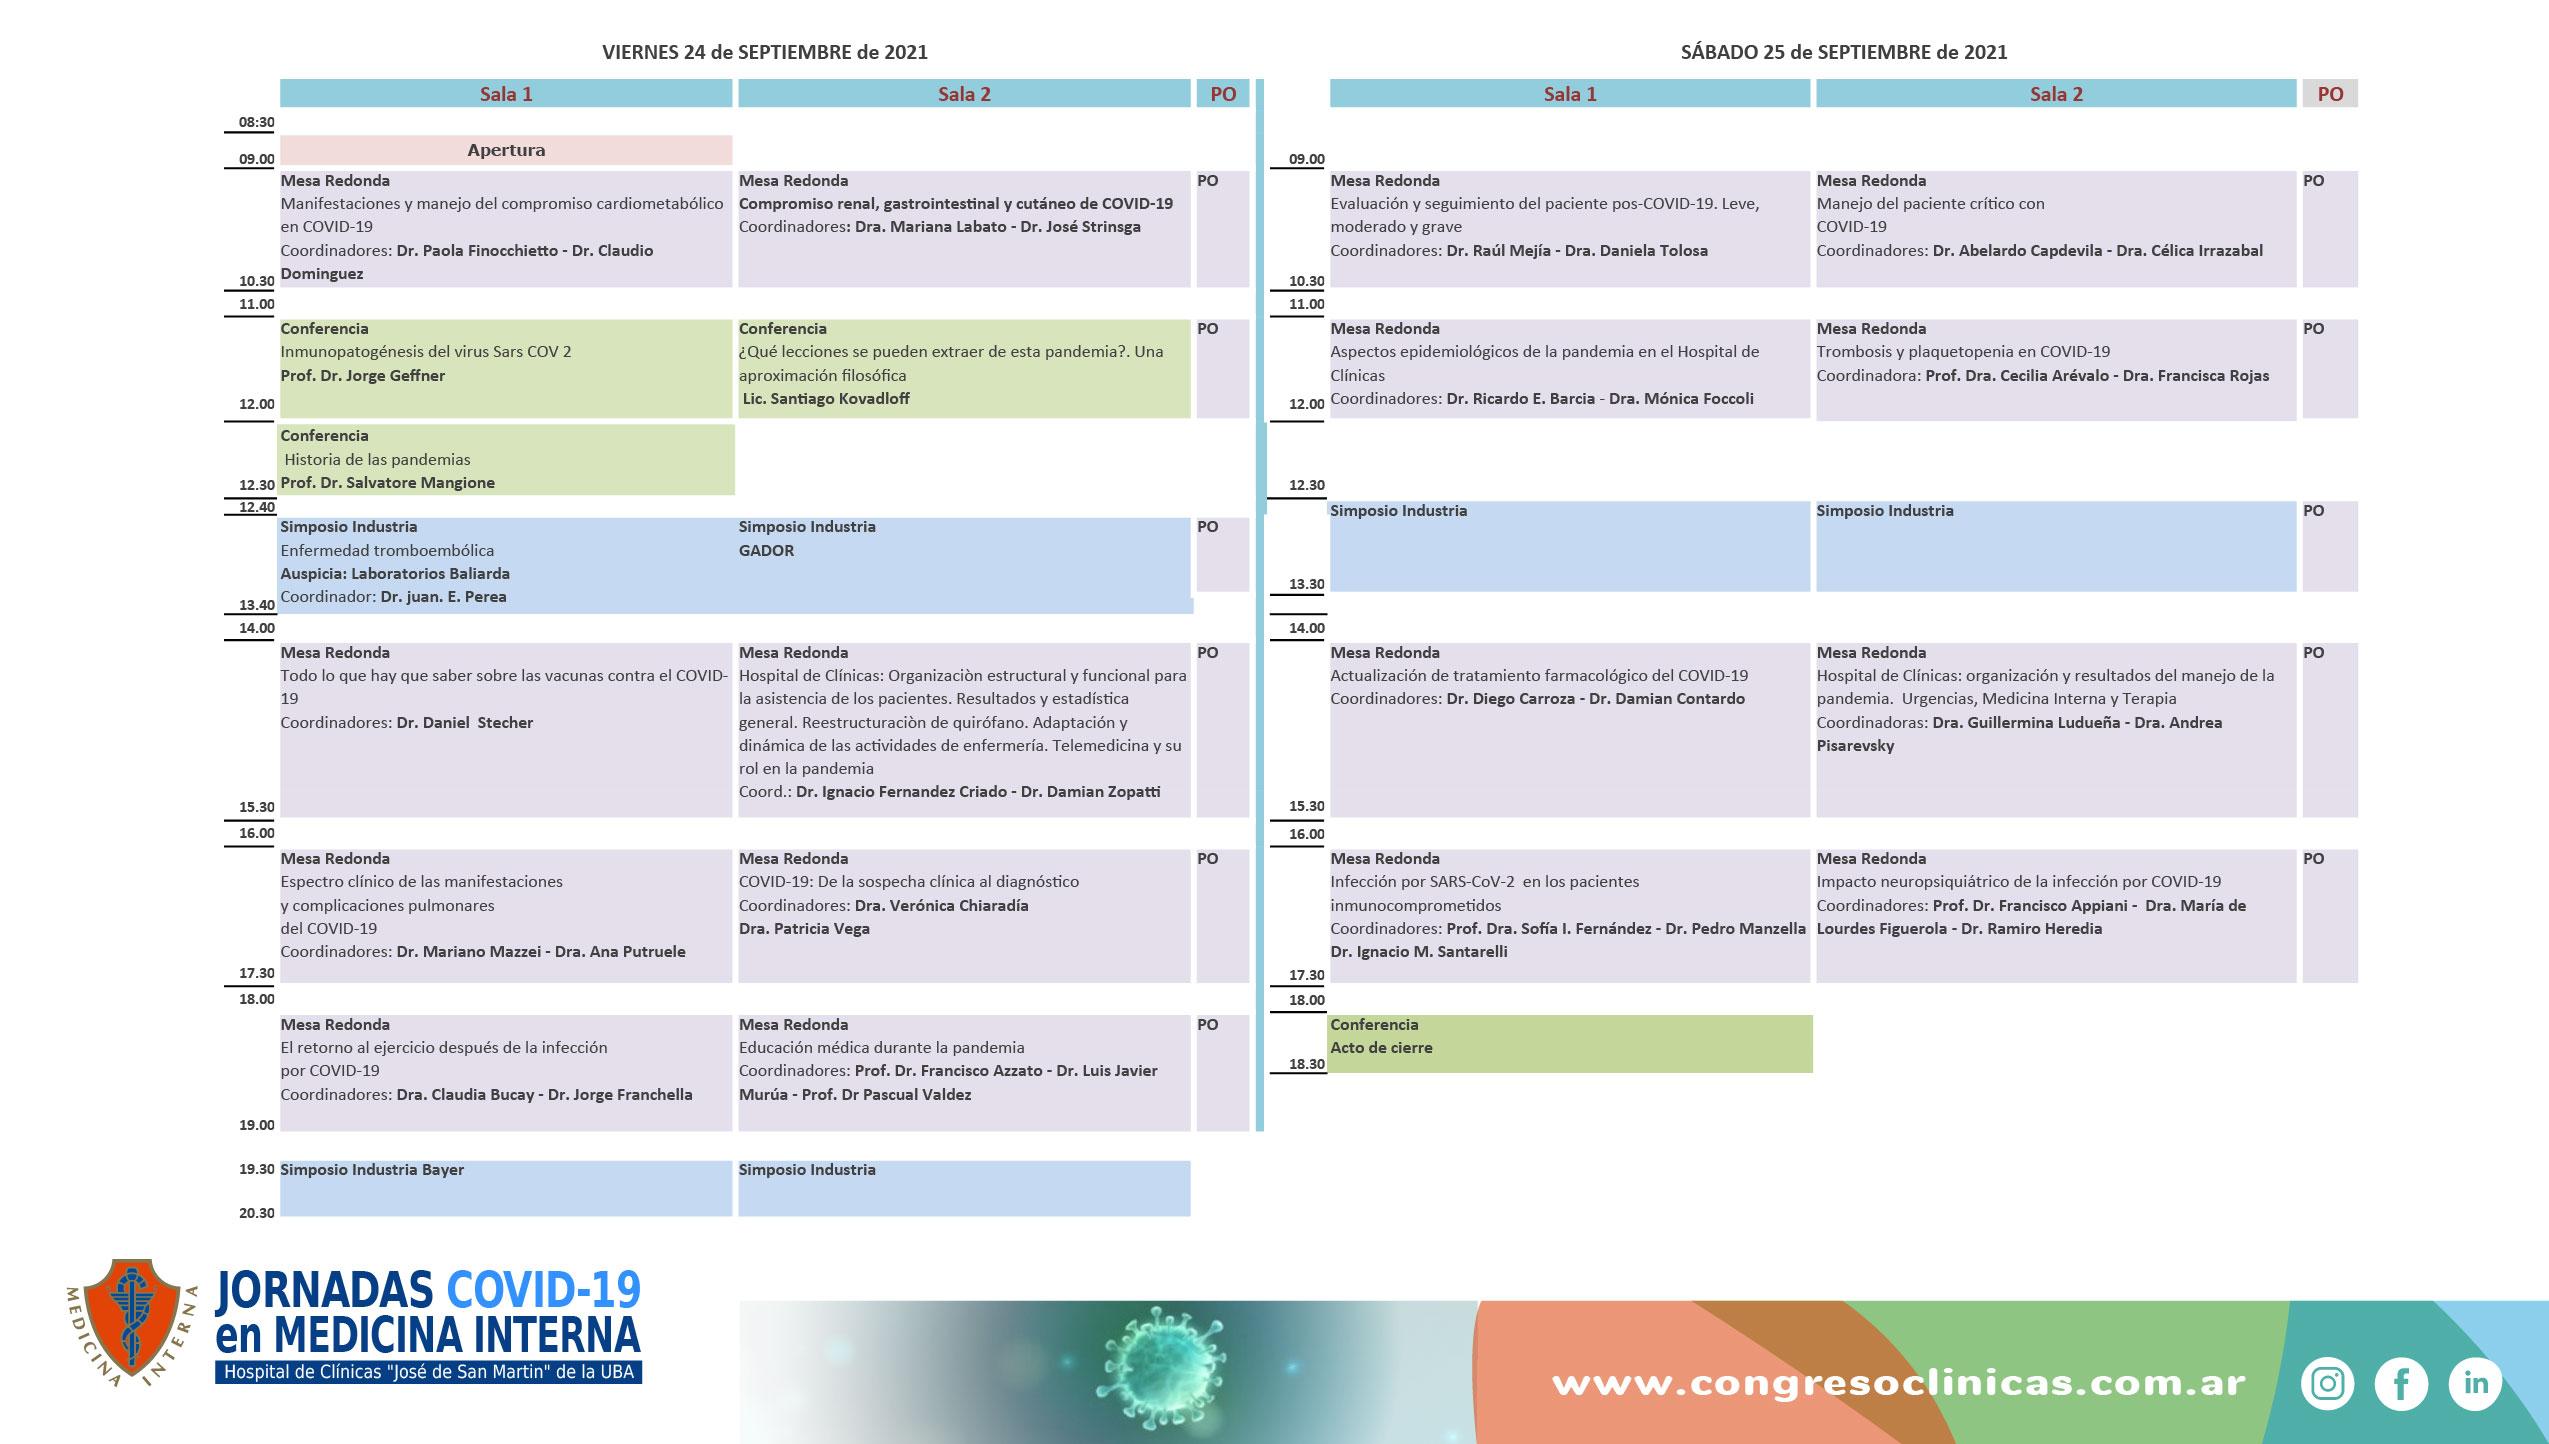 Jornadas COVID-19 en Medicina Interna-Organigrama Científico